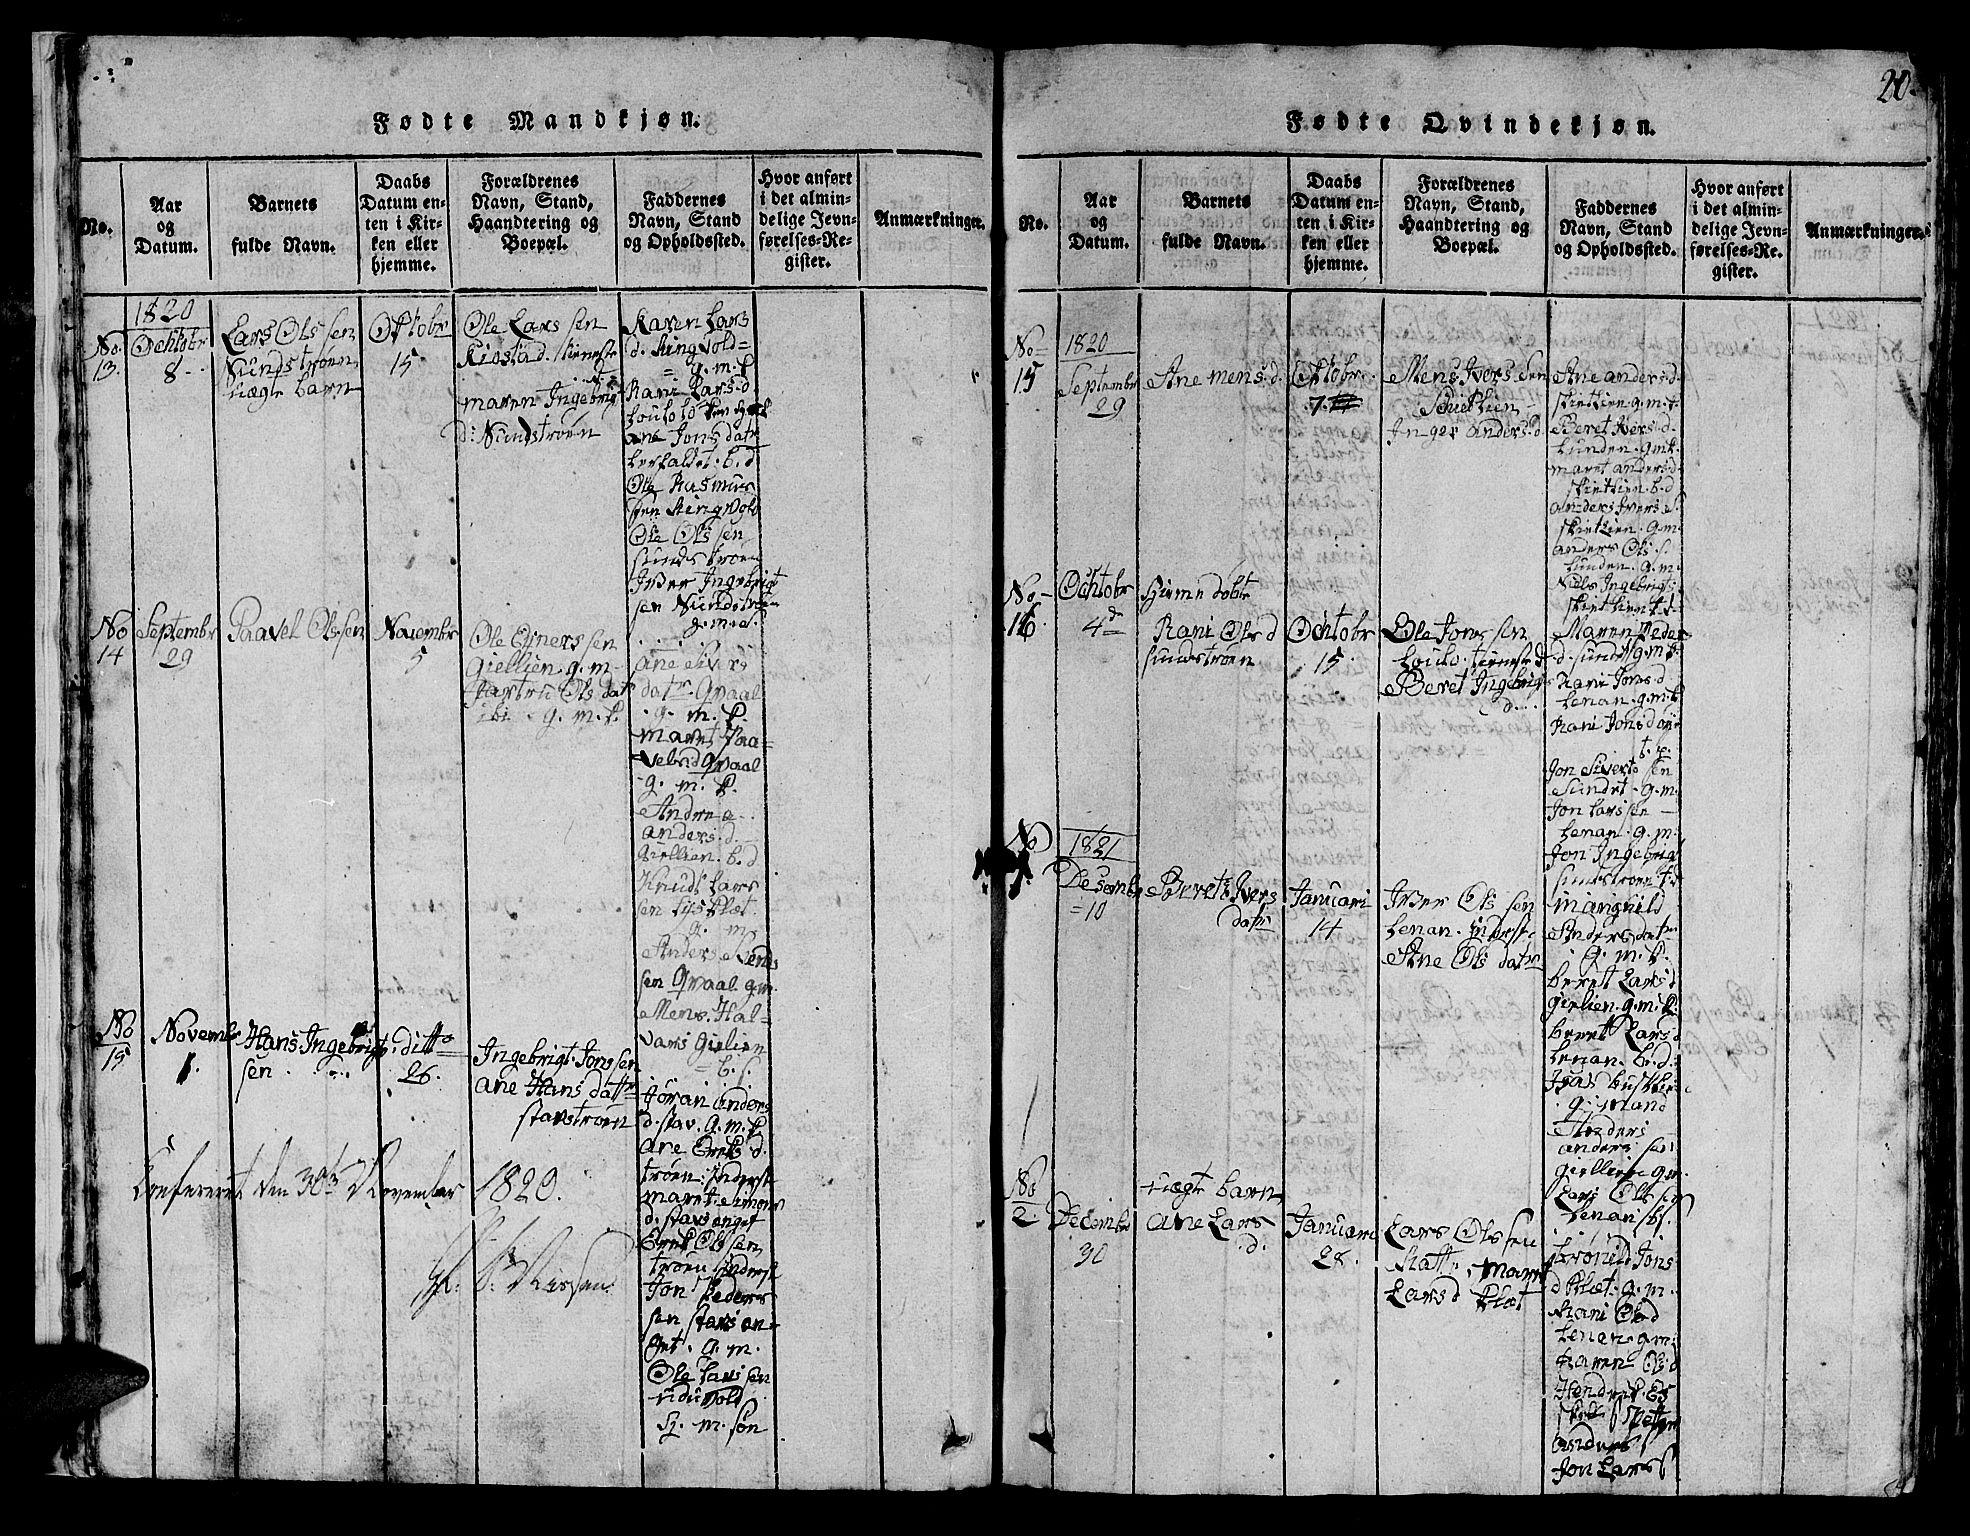 SAT, Ministerialprotokoller, klokkerbøker og fødselsregistre - Sør-Trøndelag, 613/L0393: Klokkerbok nr. 613C01, 1816-1886, s. 20